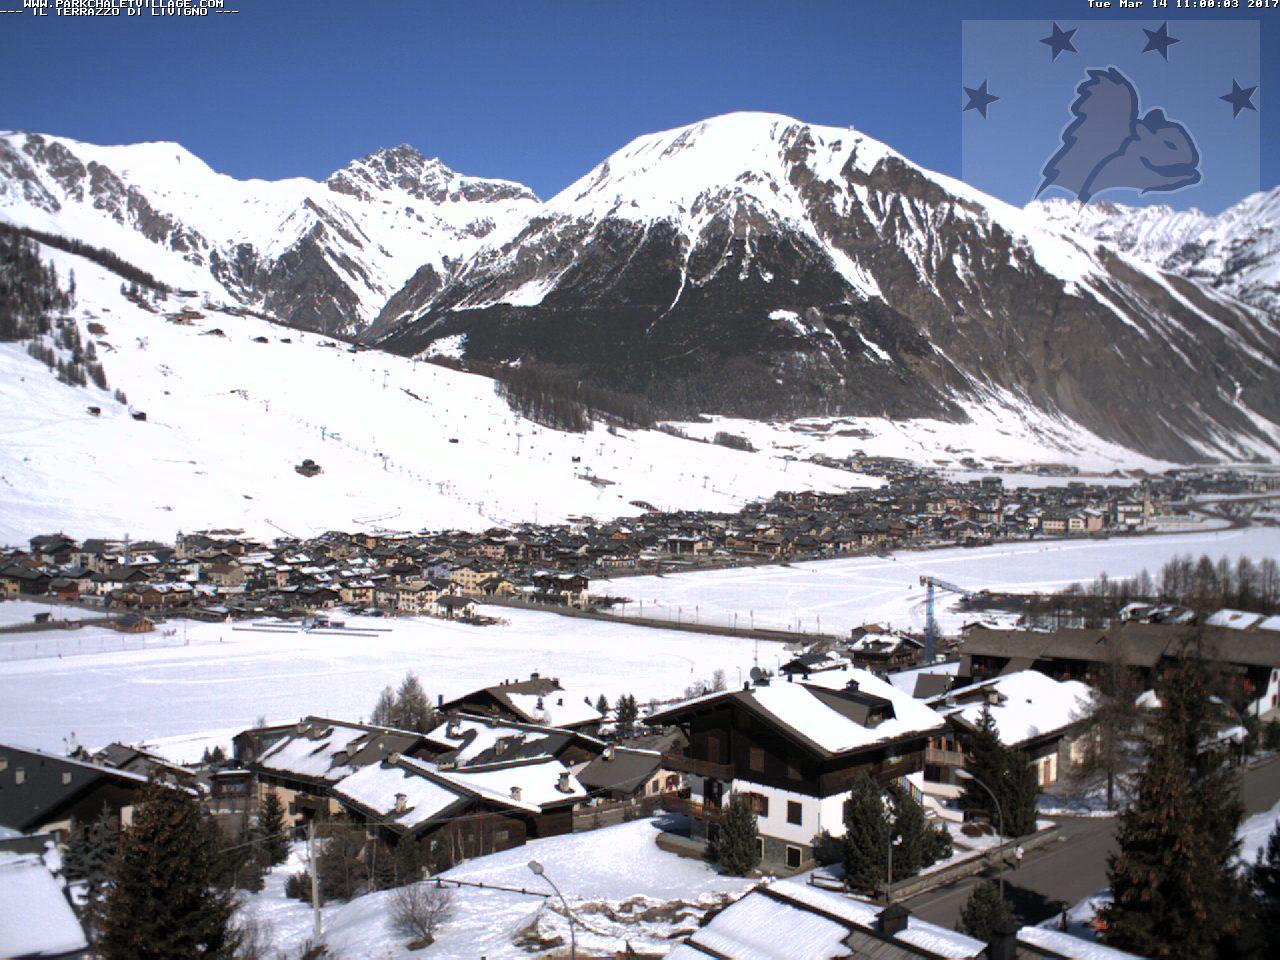 Romagna dal 13 al 19 marzo 2017-webcam01.jpg